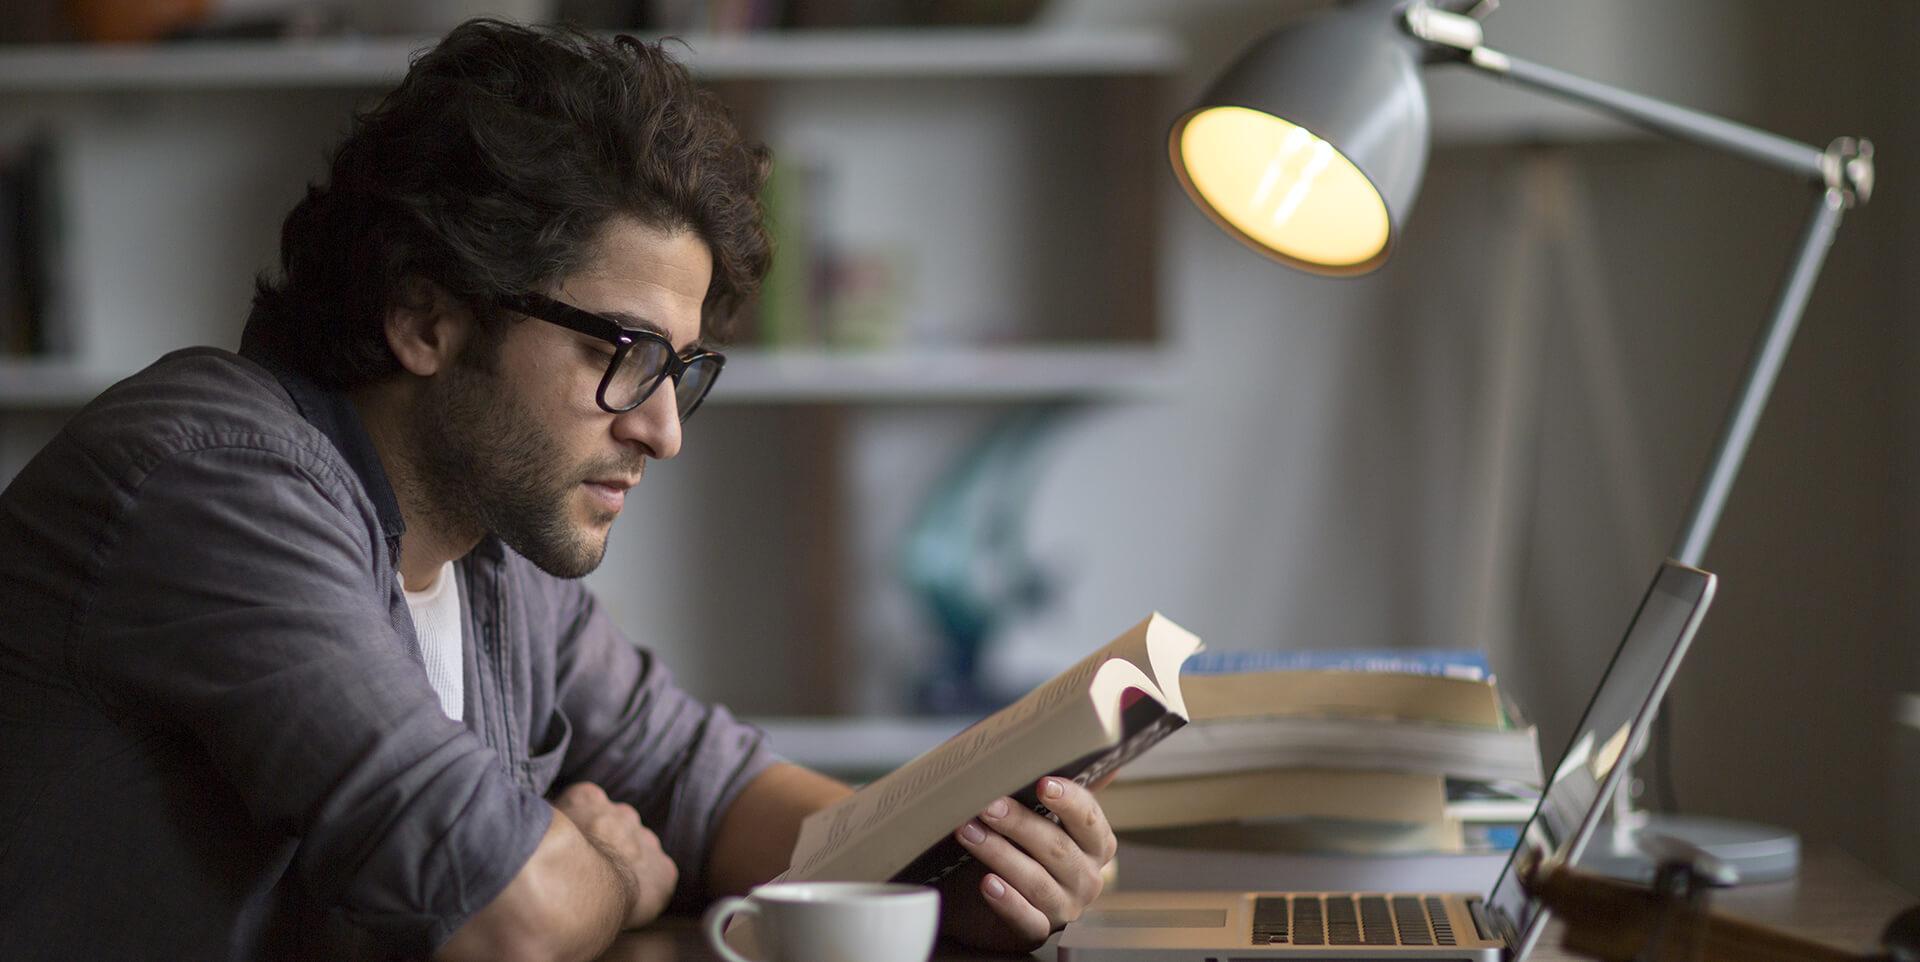 Ein Mann liest in einem Buch